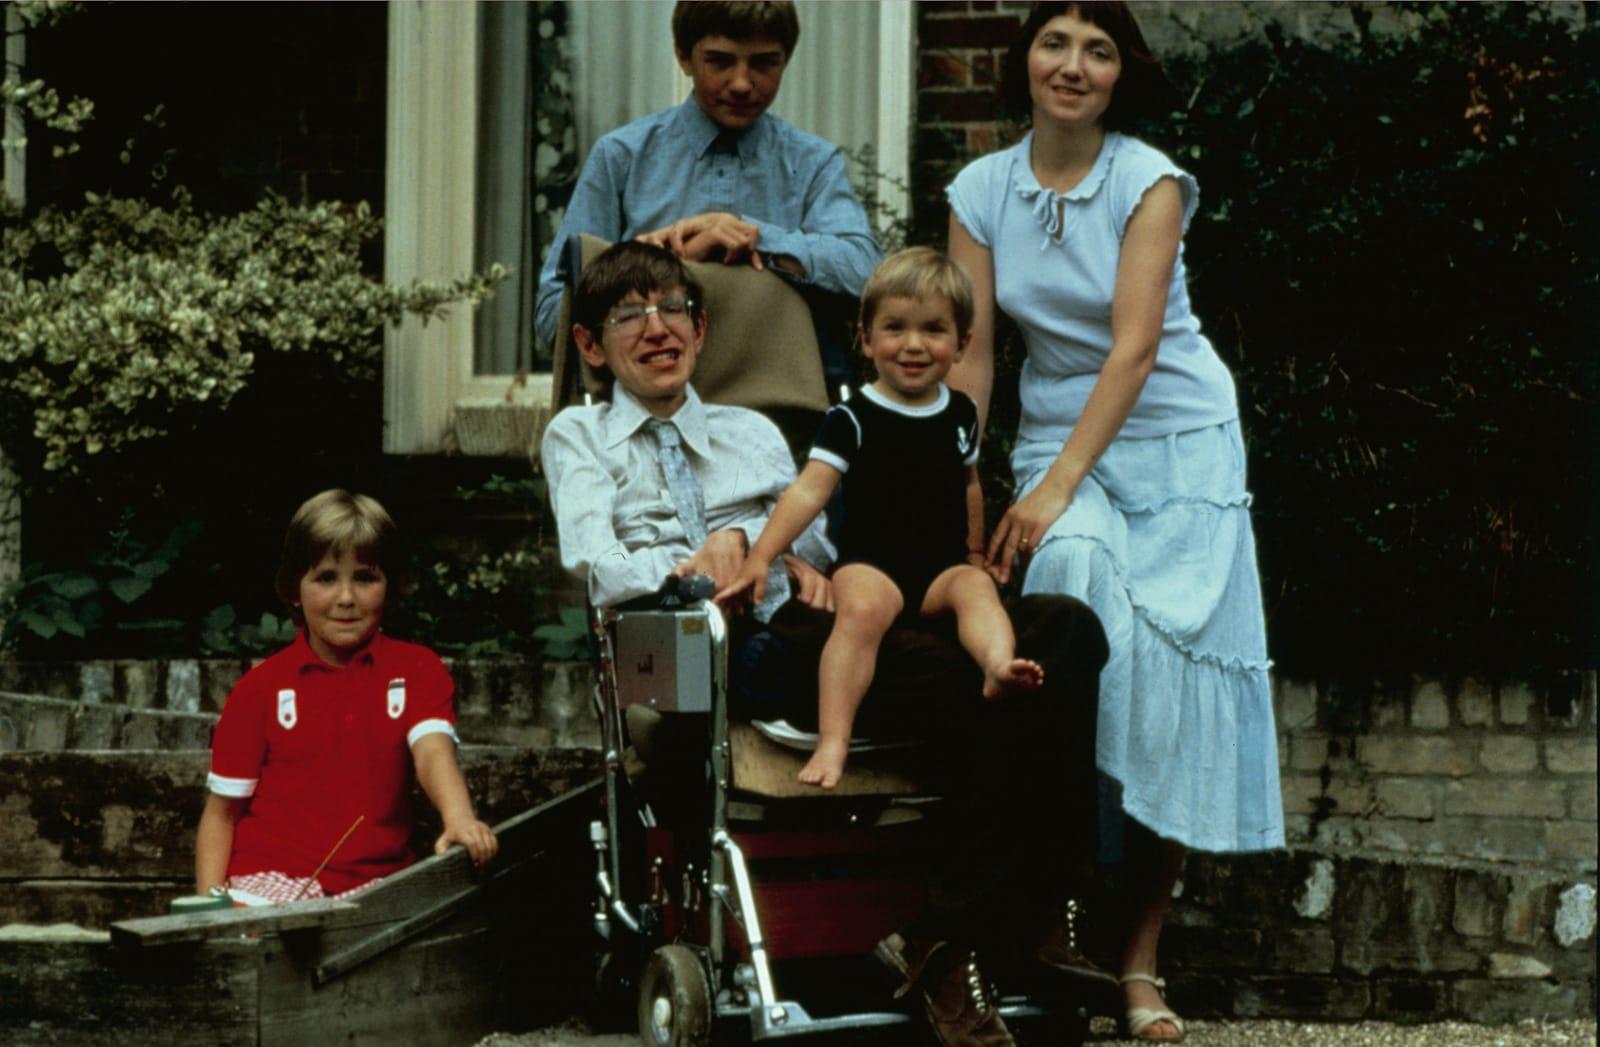 10 cose che (forse) non sai su Stephen Hawking - Focus.it Stephen Hawkings Children